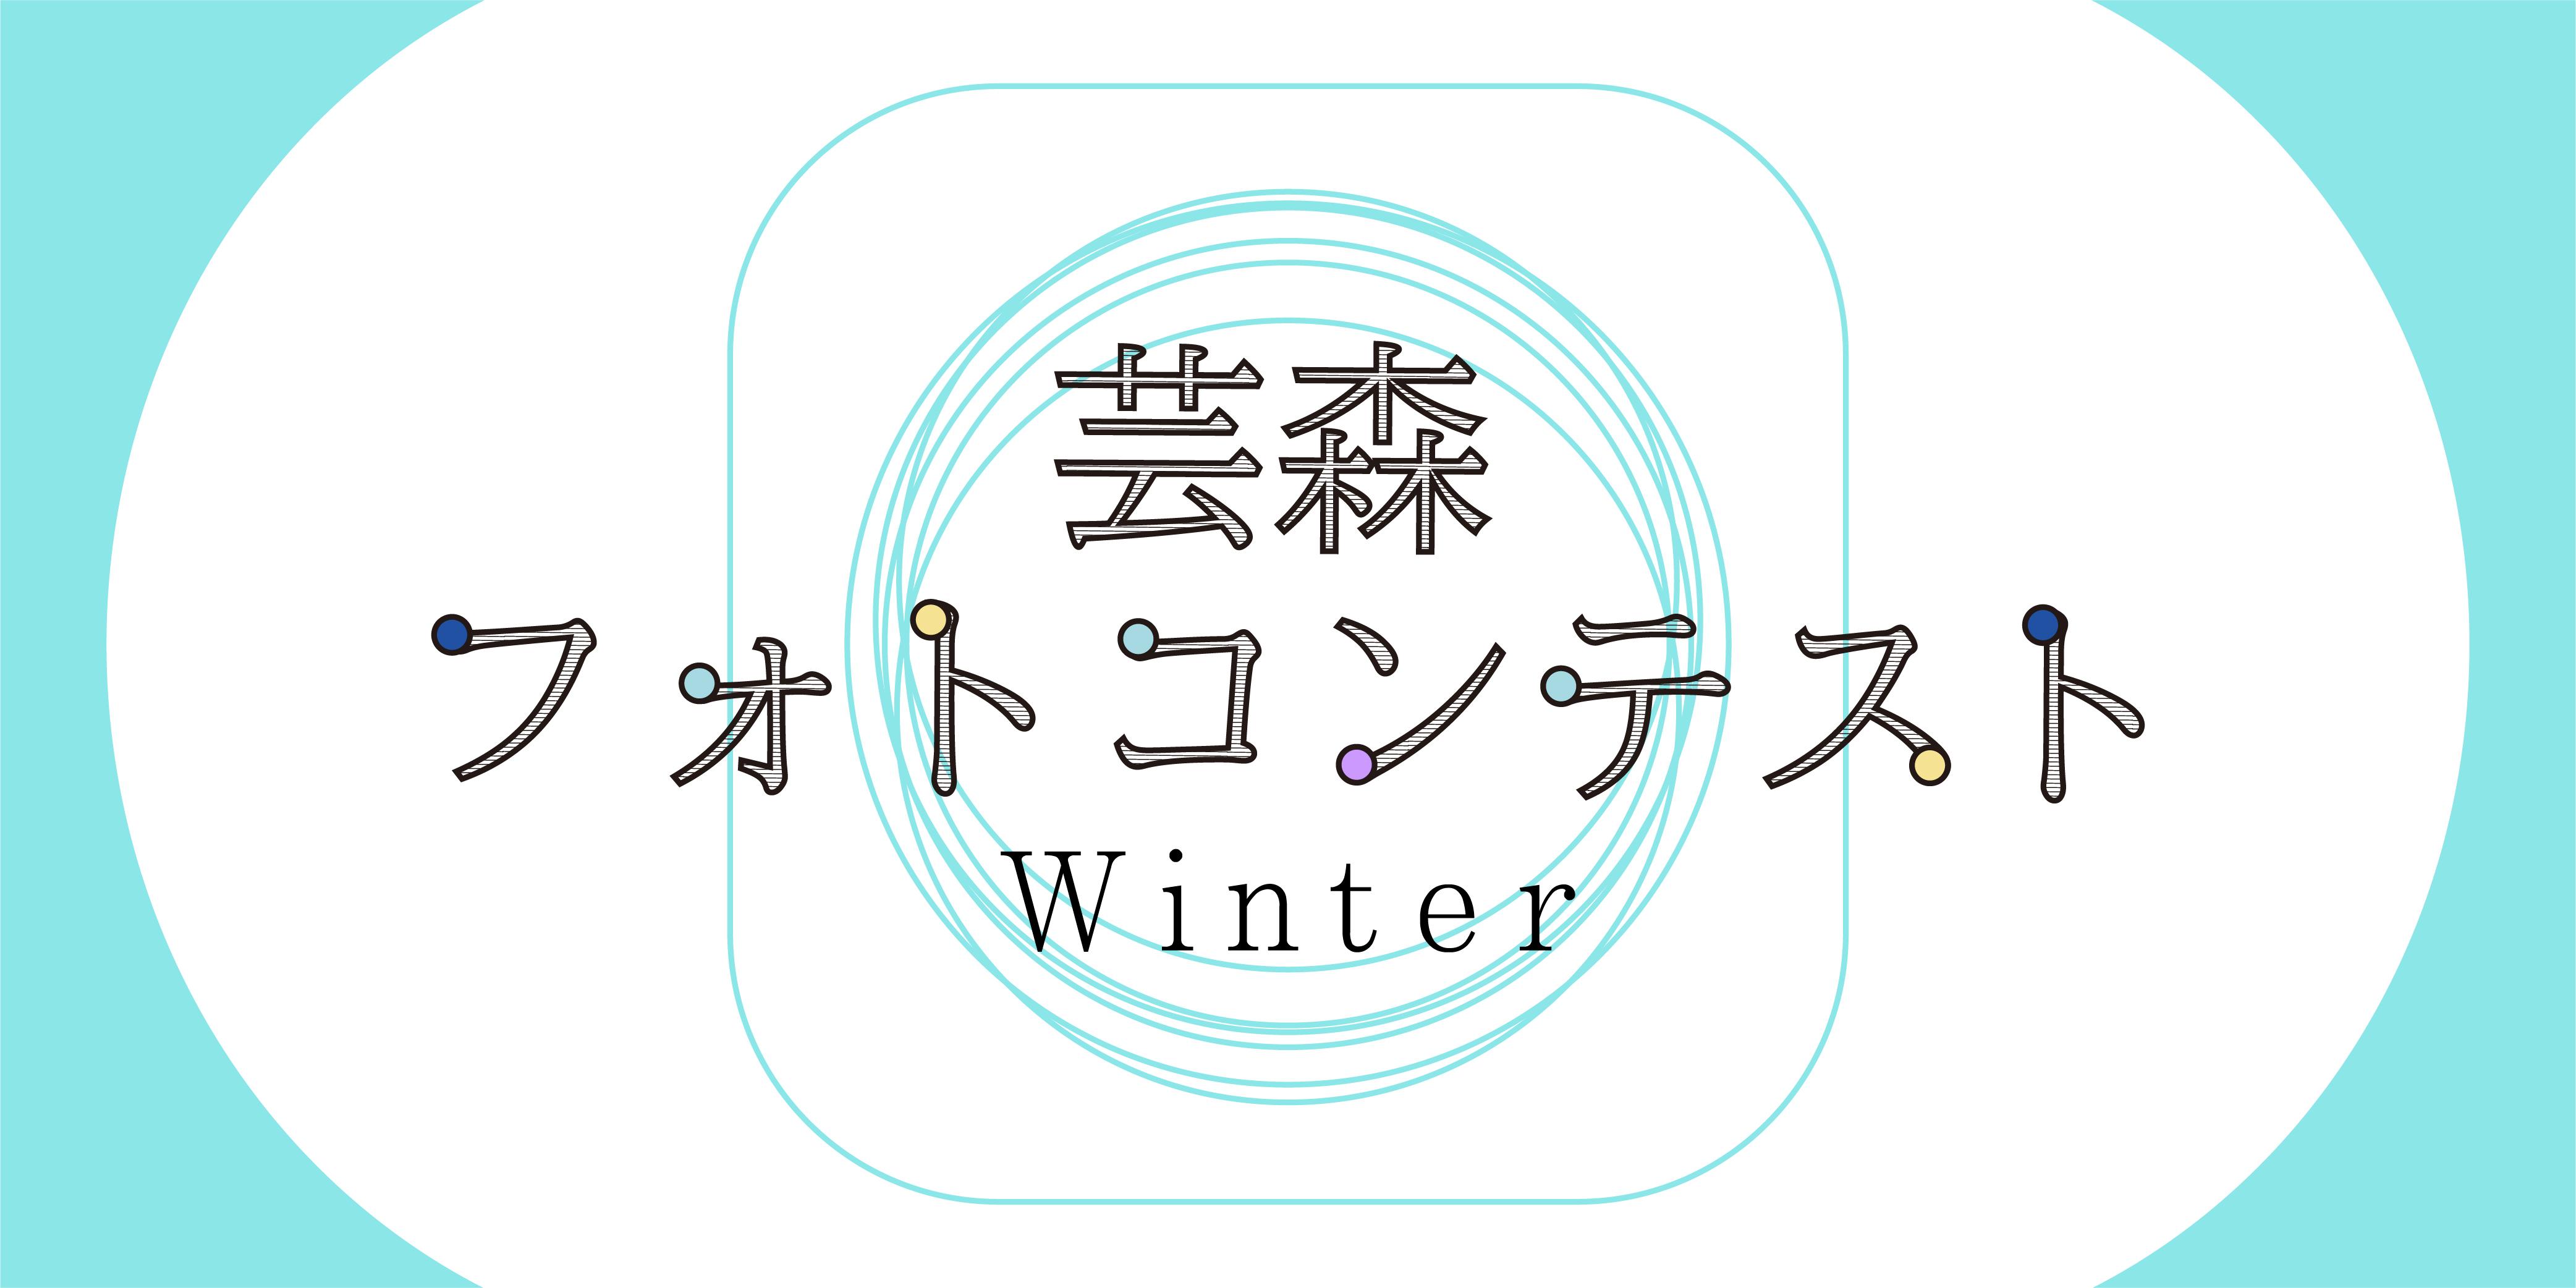 芸森フォトコンテストロゴ画像